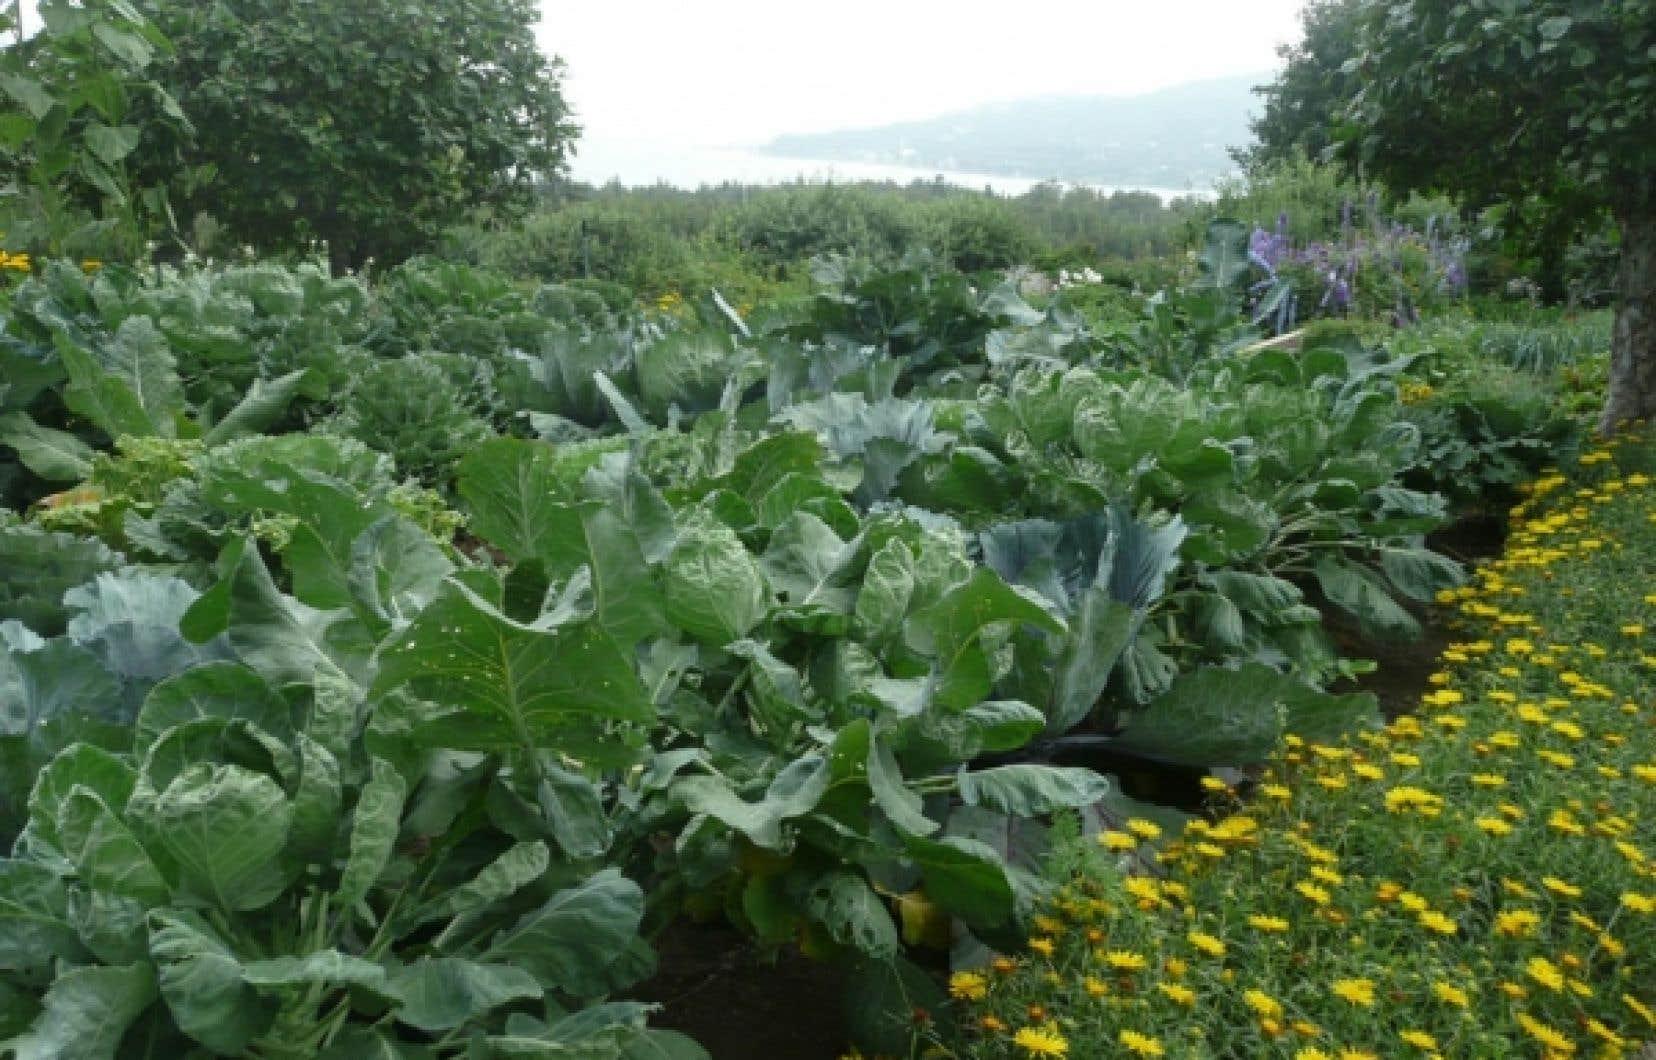 L&rsquo;essentiel en jardinage r&eacute;side dans les amendements et la fertilisation raisonn&eacute;e. <br />